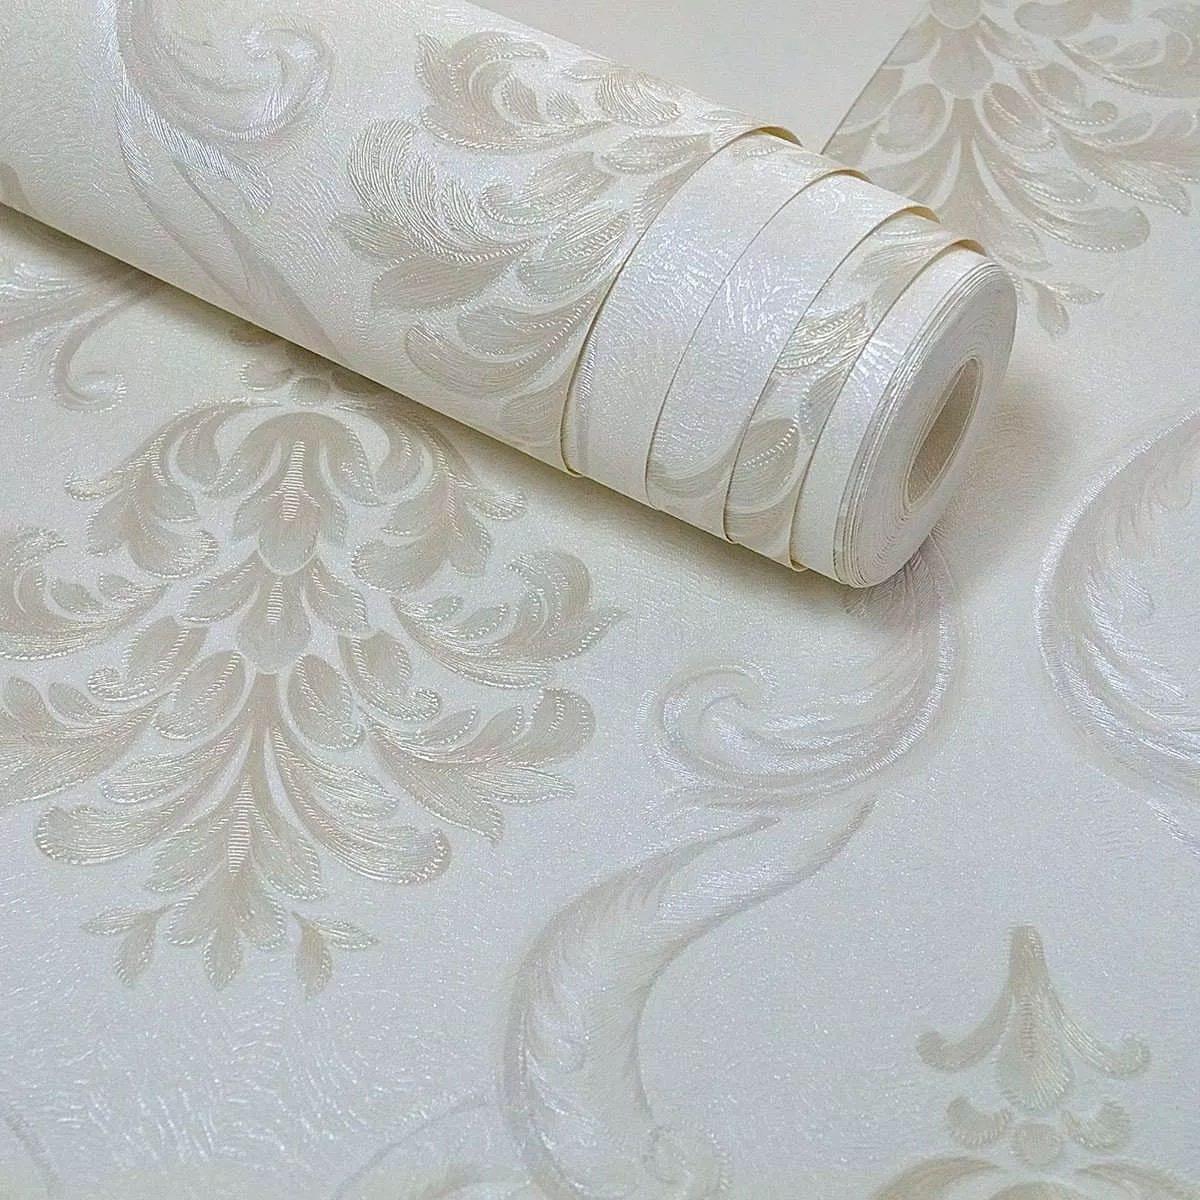 Papel de parede rolo vinilico importado arabescos 10m cola r 94 90 em mercado livre - Vinilico para paredes ...